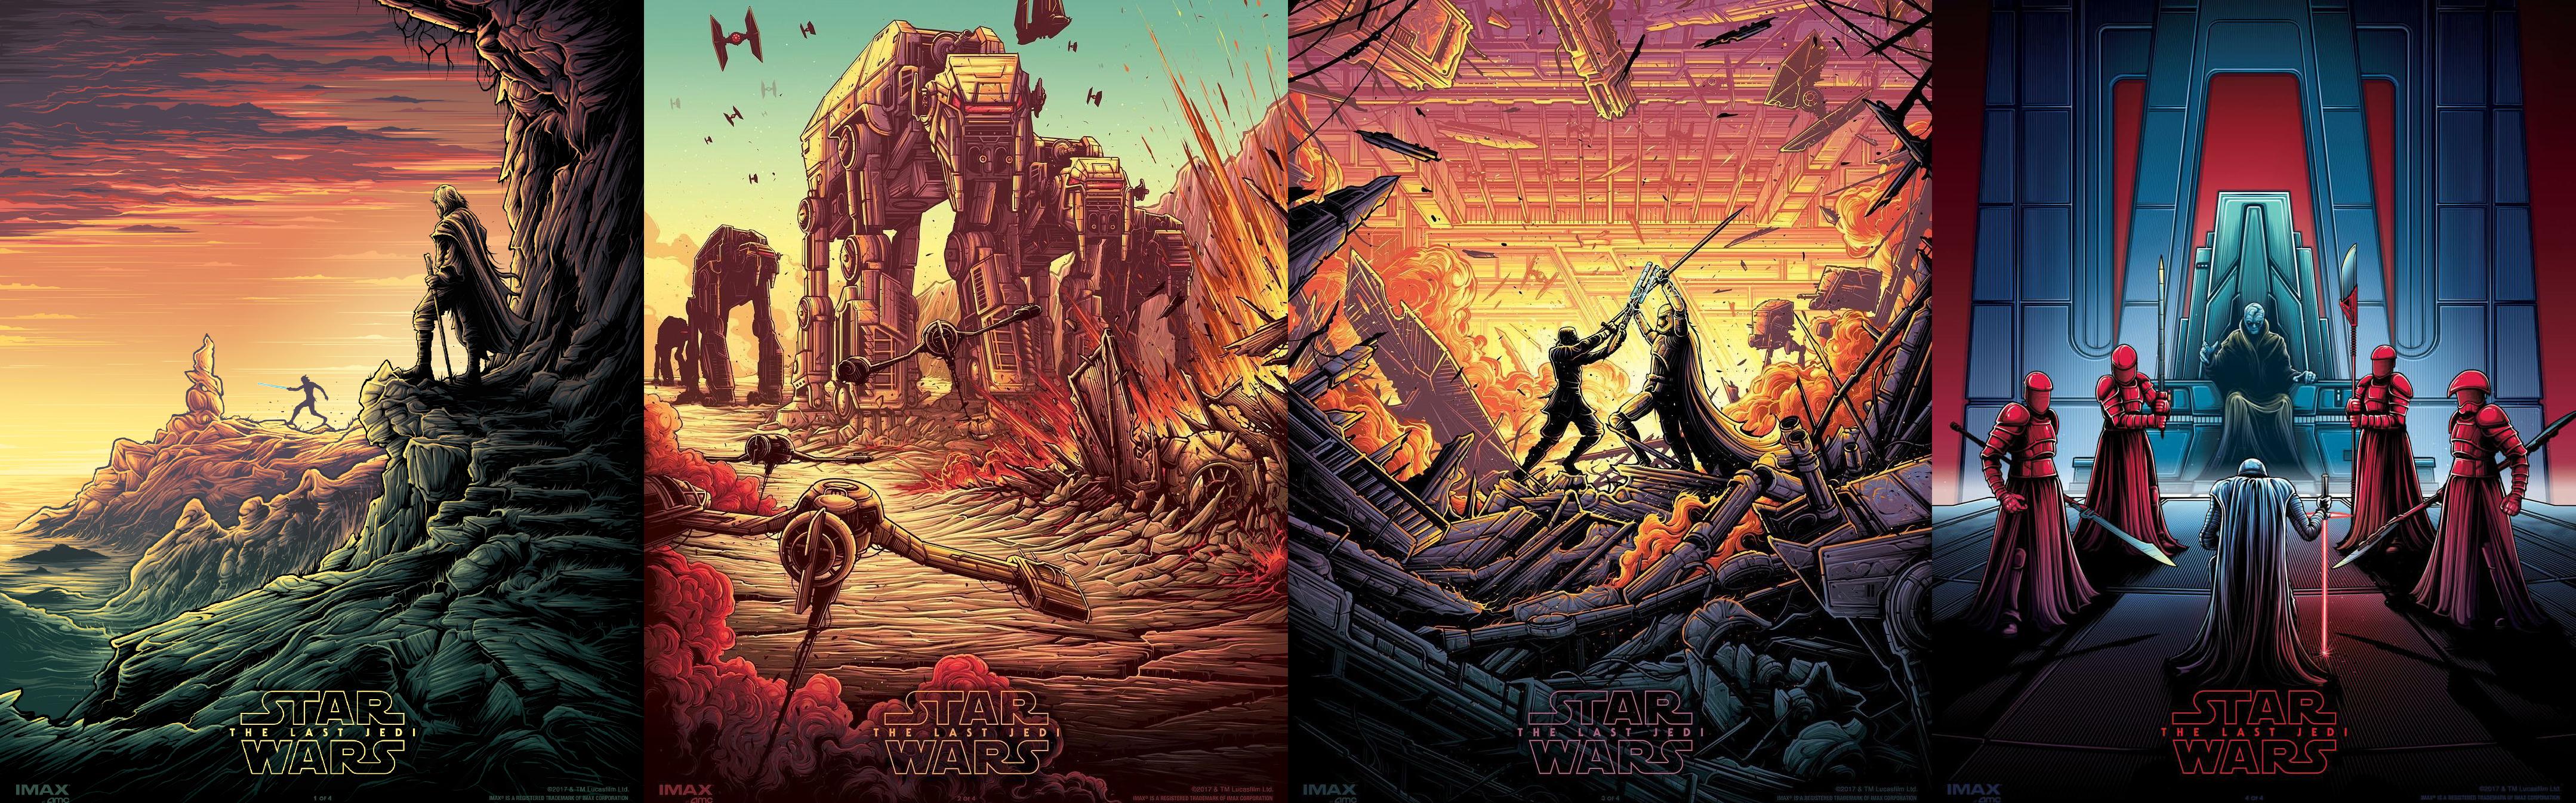 Last Jedi Imax Poster 4316x1346 Wallpaper Teahub Io